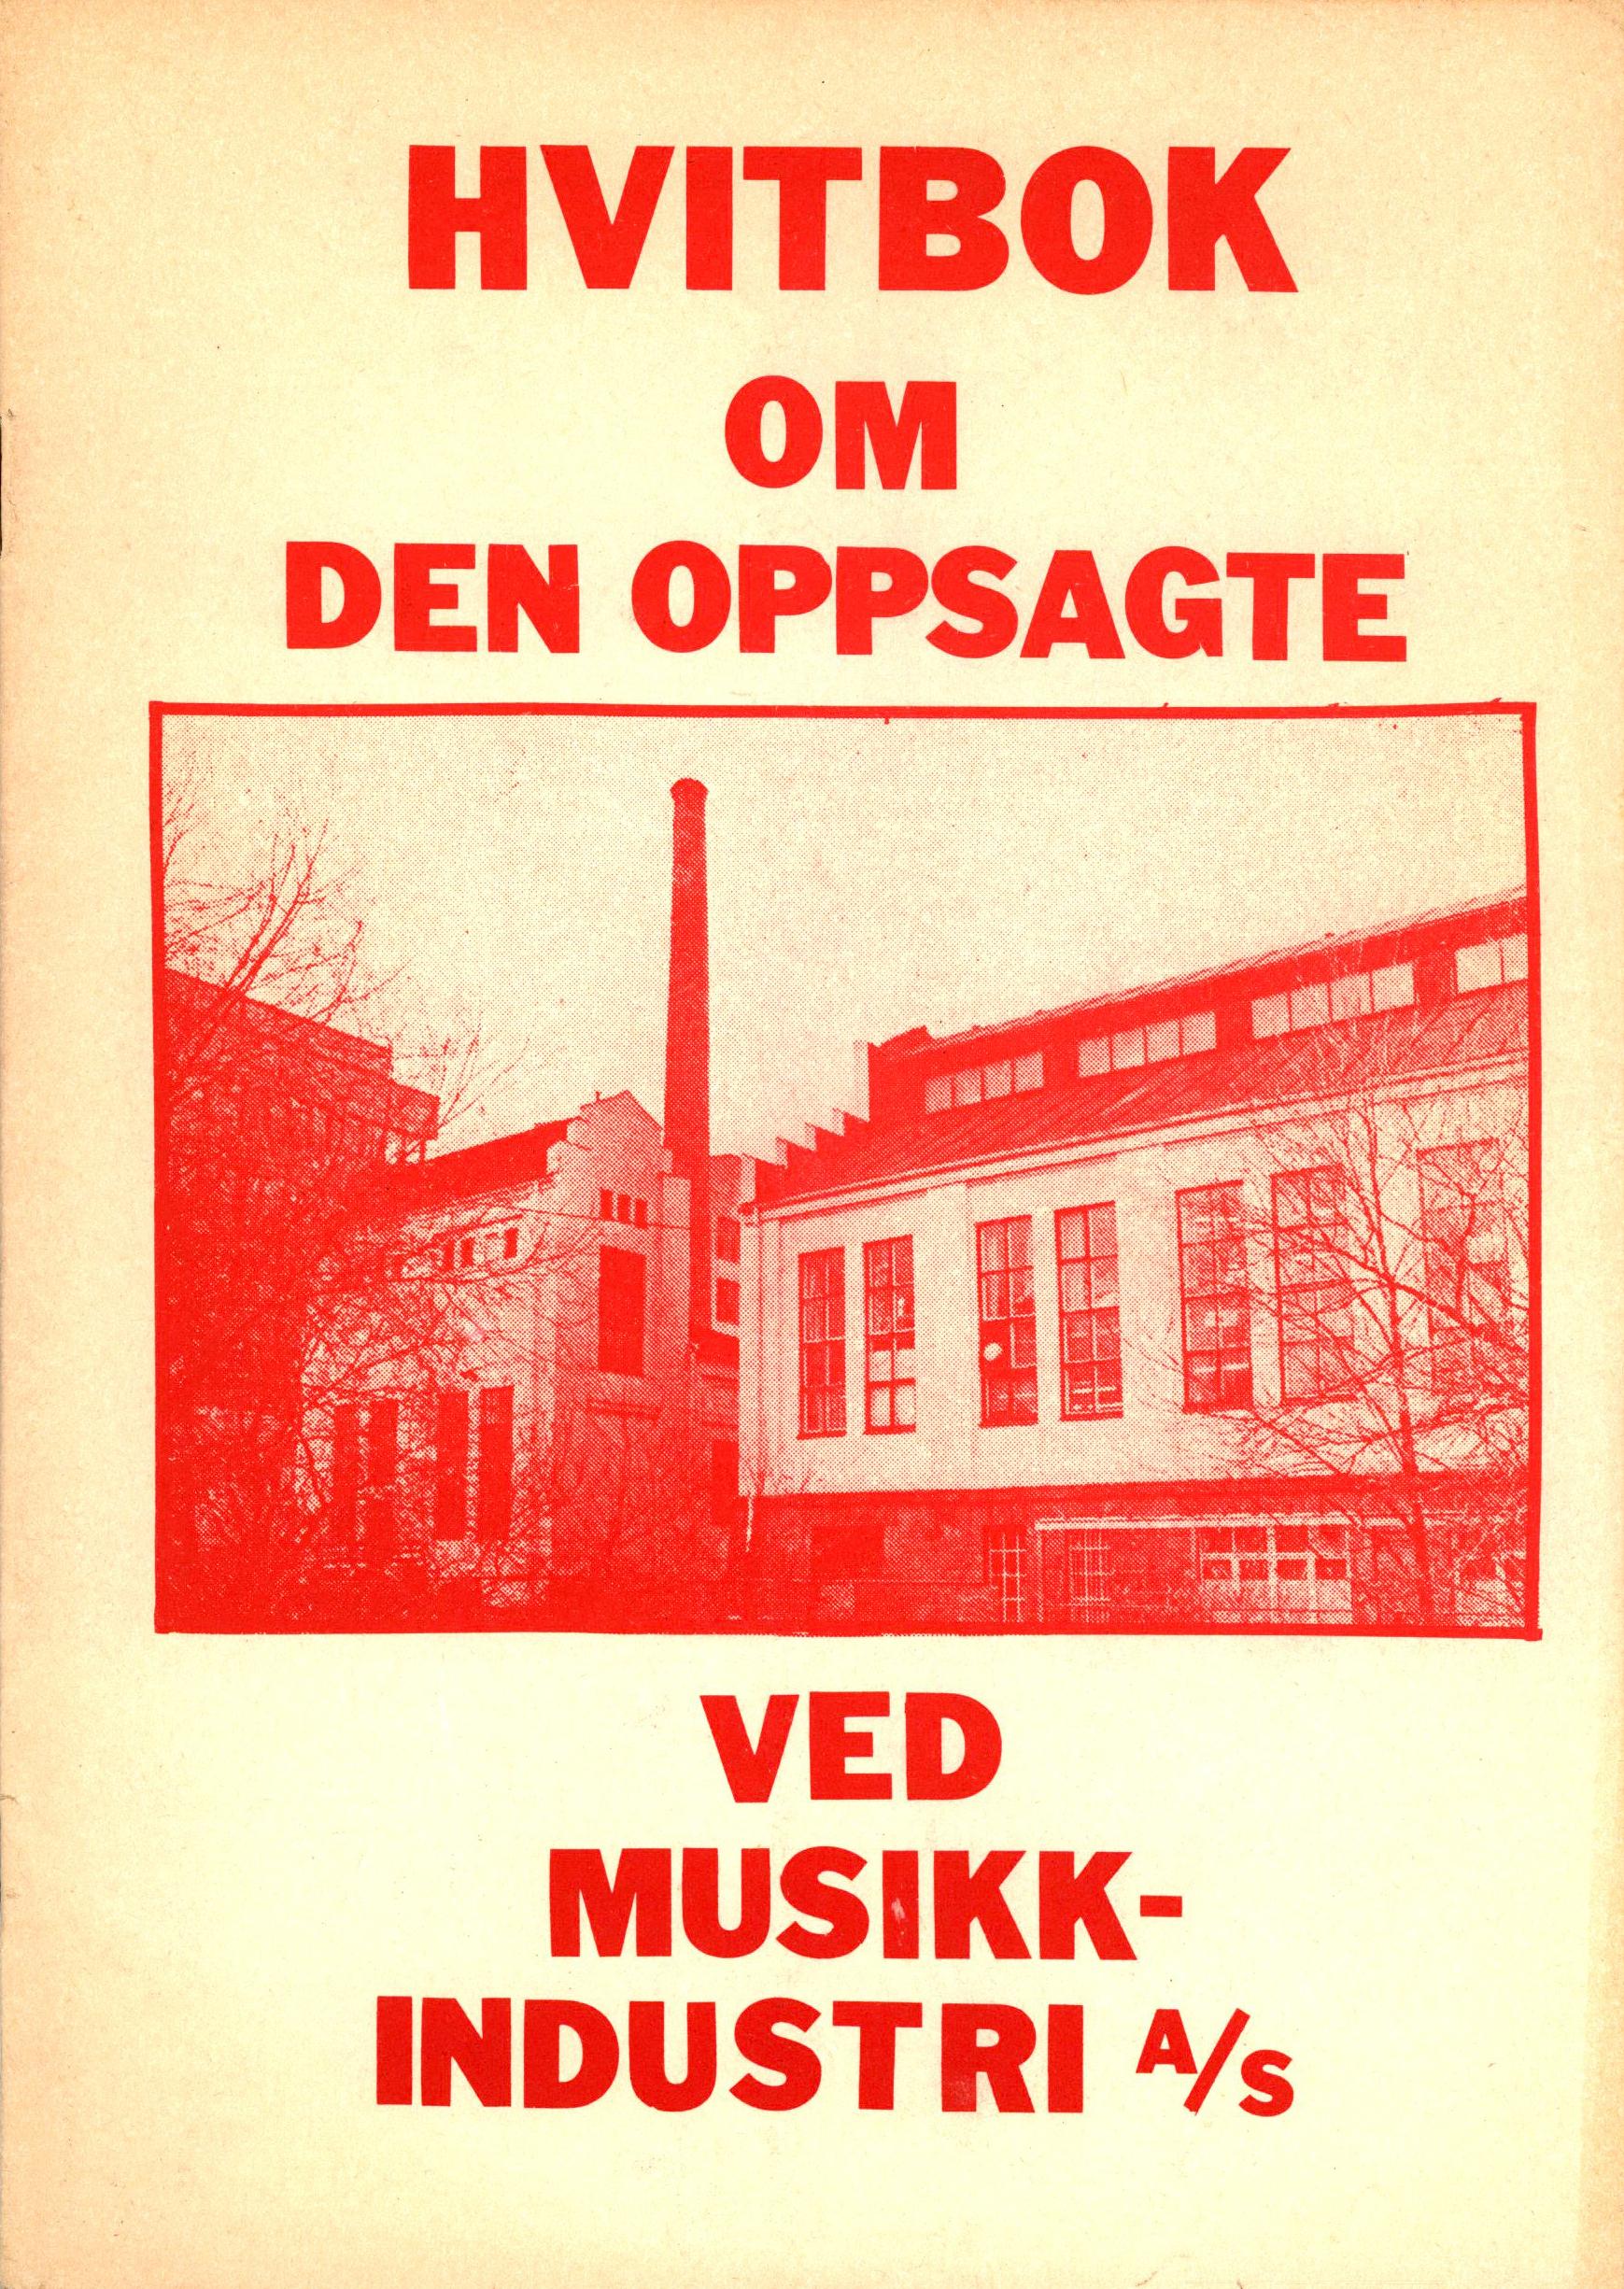 Hvitbok om den oppsagte ved Musikkindustri A/S